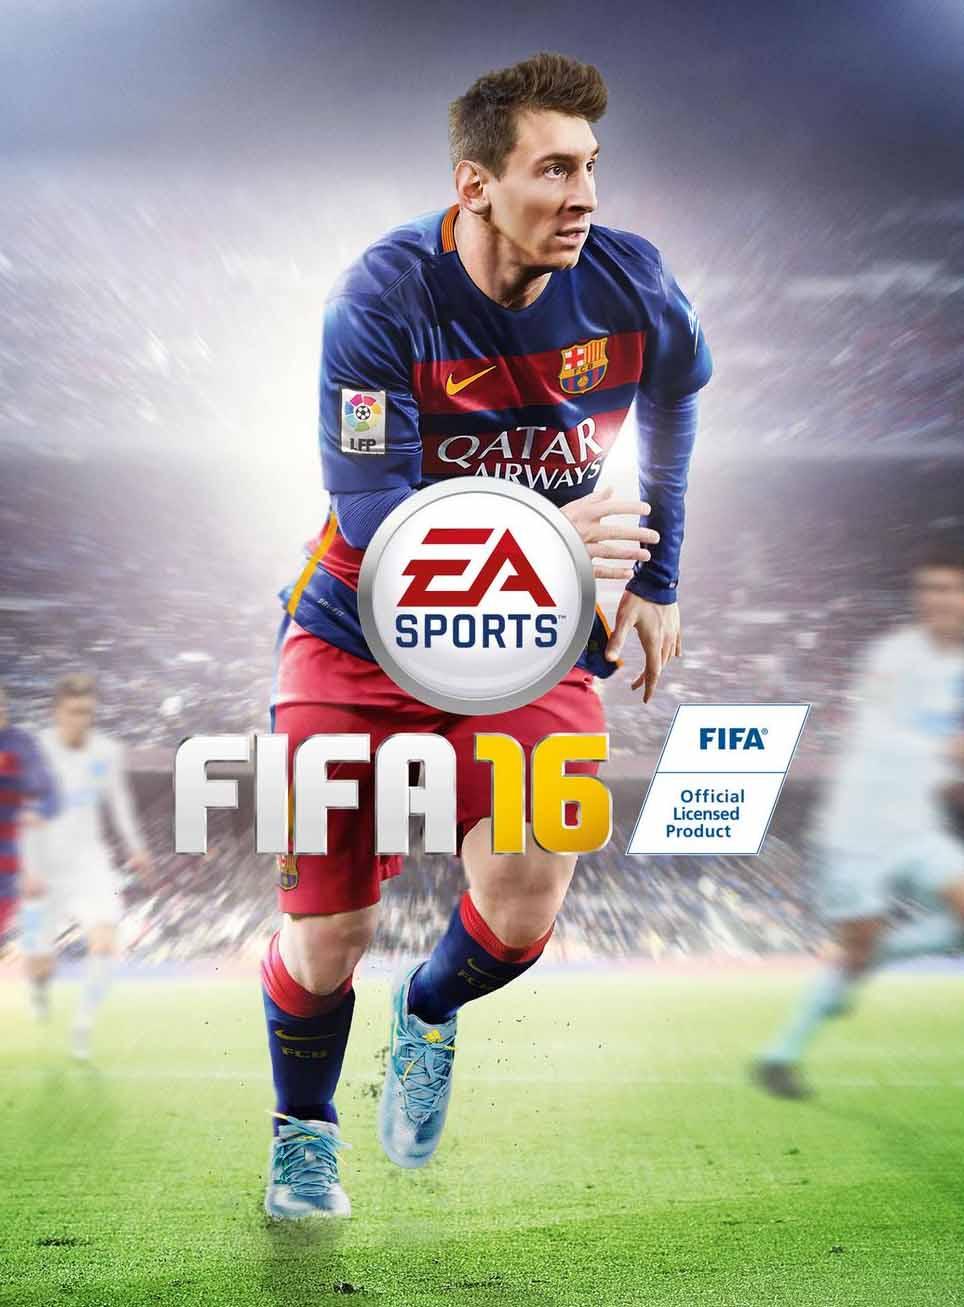 Capas de FIFA 16 - Todas as Covers Oficiais de FIFA 16